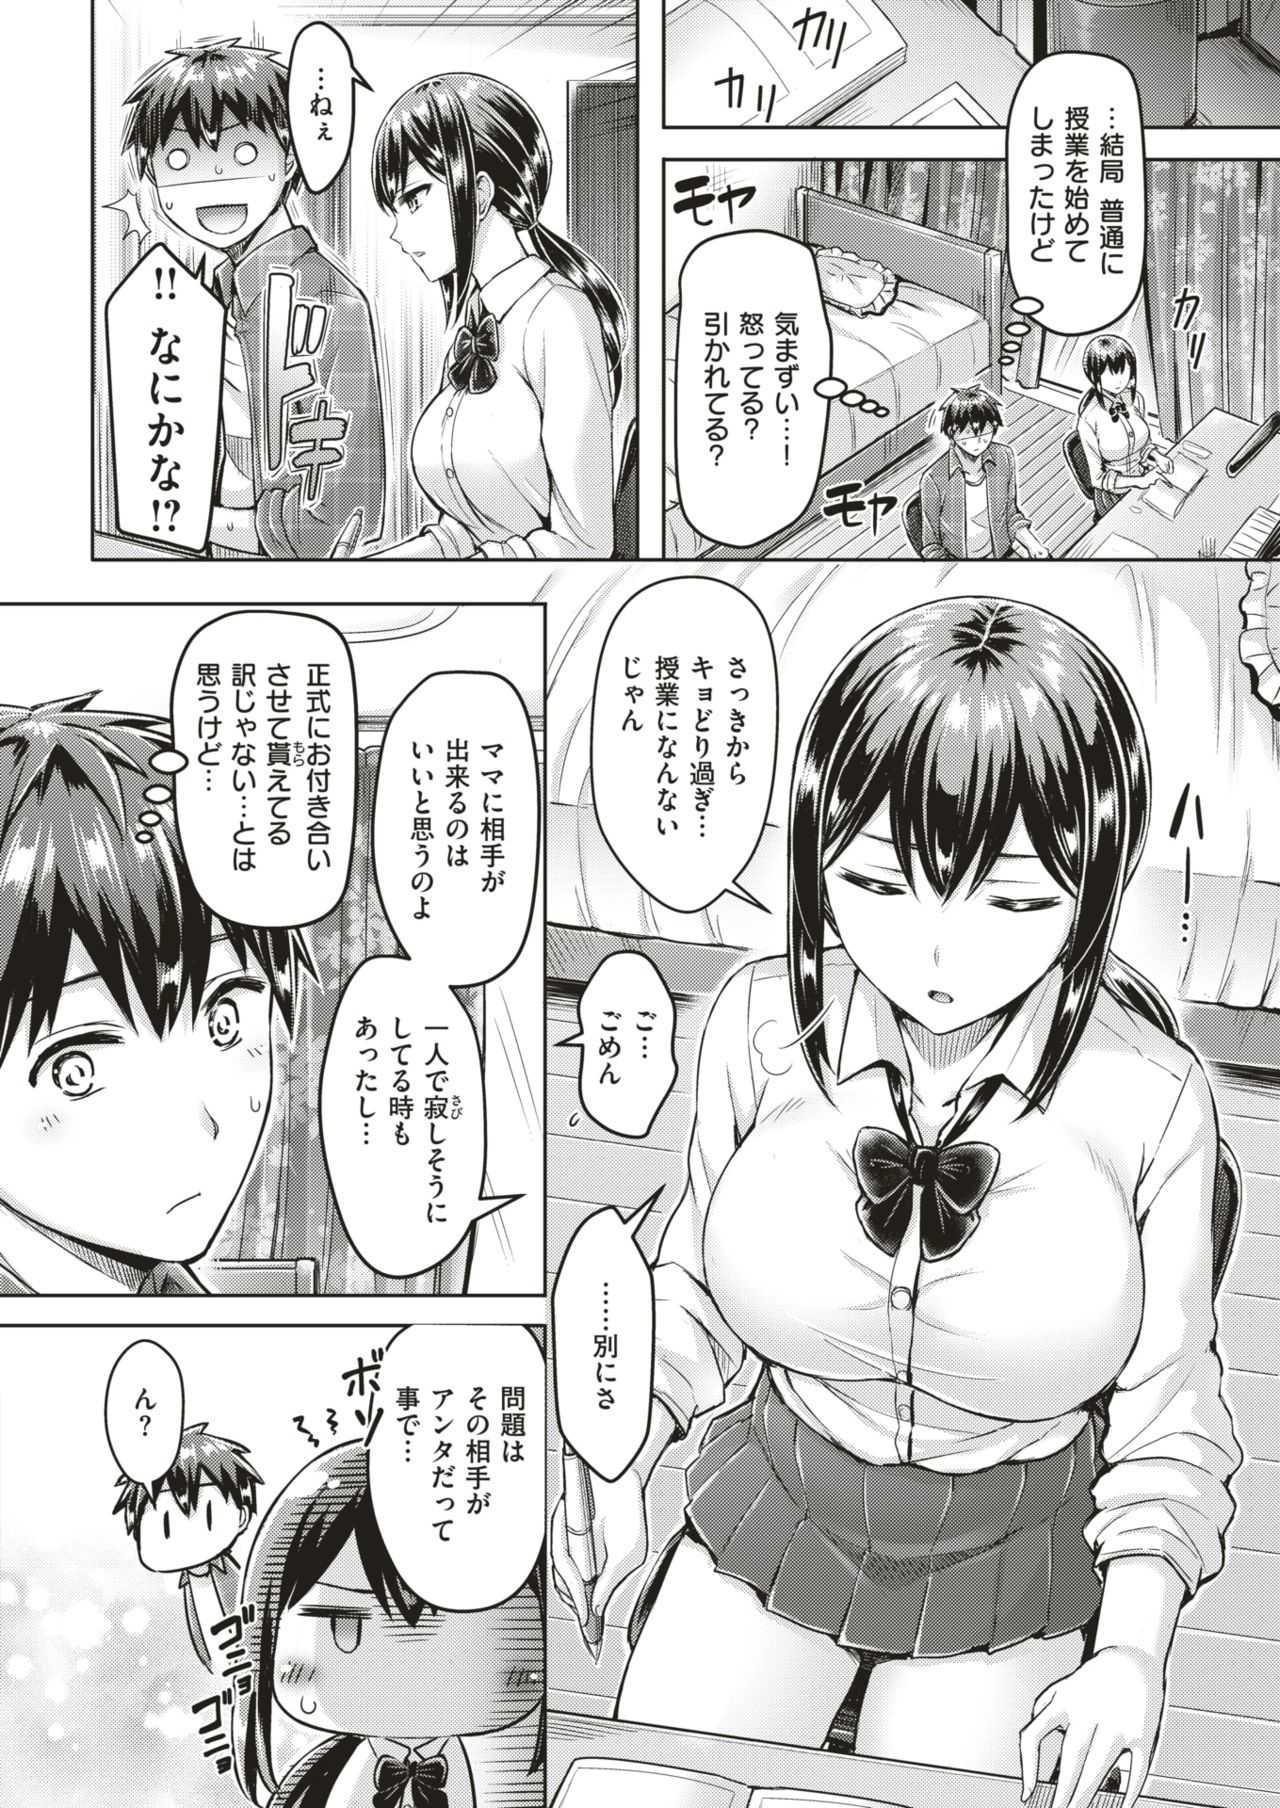 【エロ漫画】家庭教師先の生徒であるJKにその母親とヤっているところを目撃され大ピンチ!?